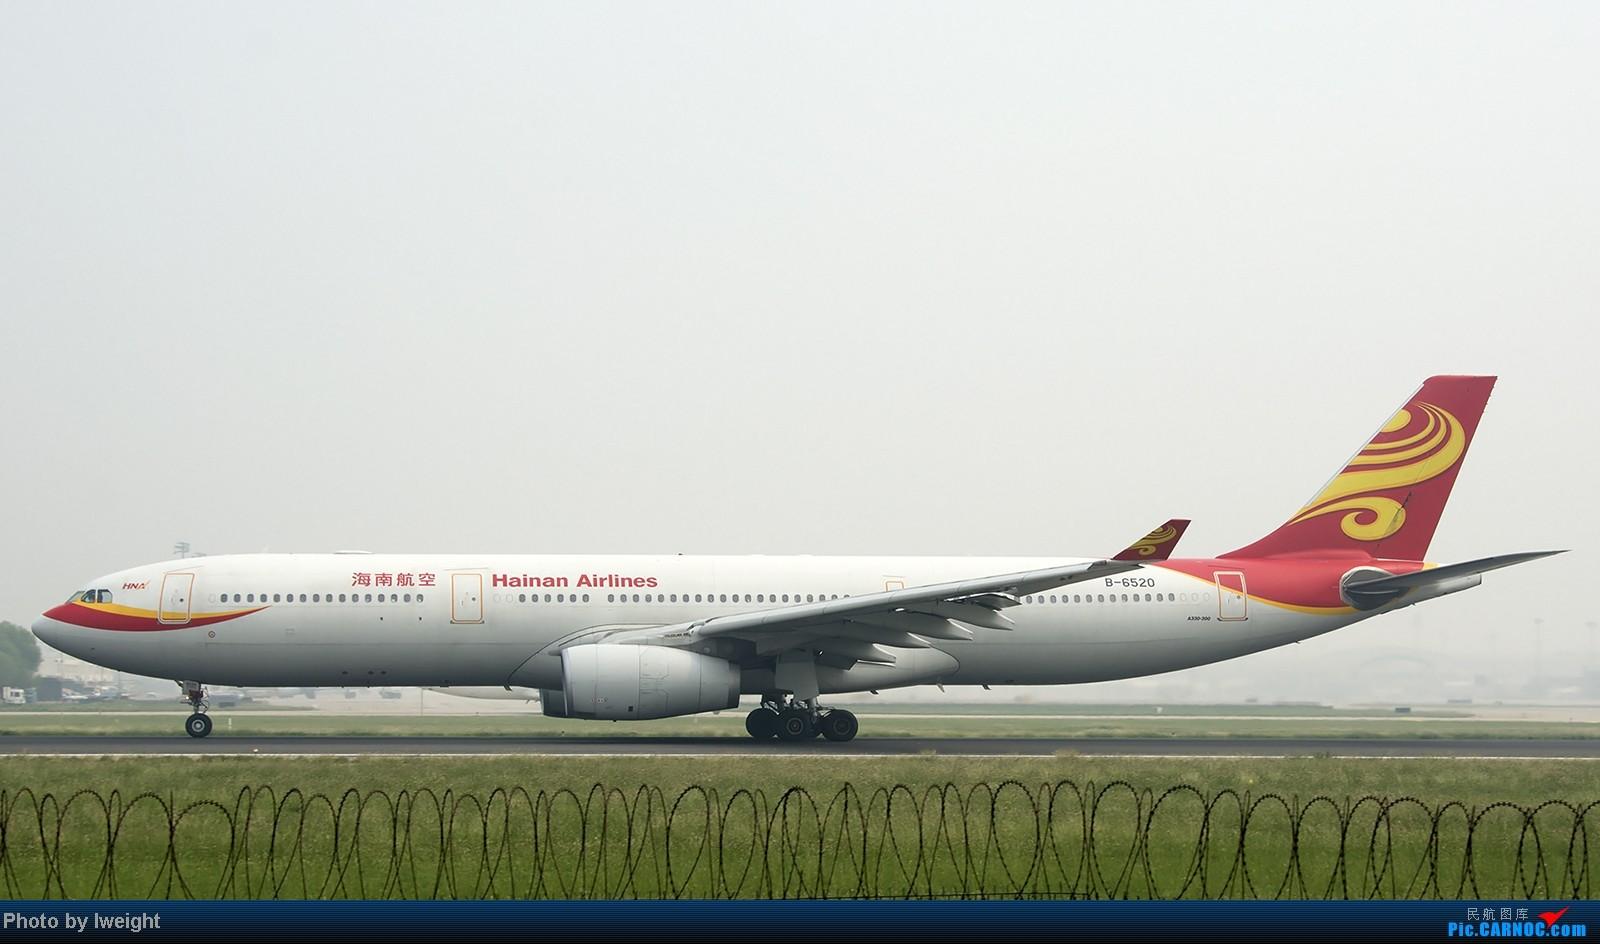 Re:[原创]9月7日帝都的烂天里乱拍一通 AIRBUS A330-300 B-6520 中国北京首都机场